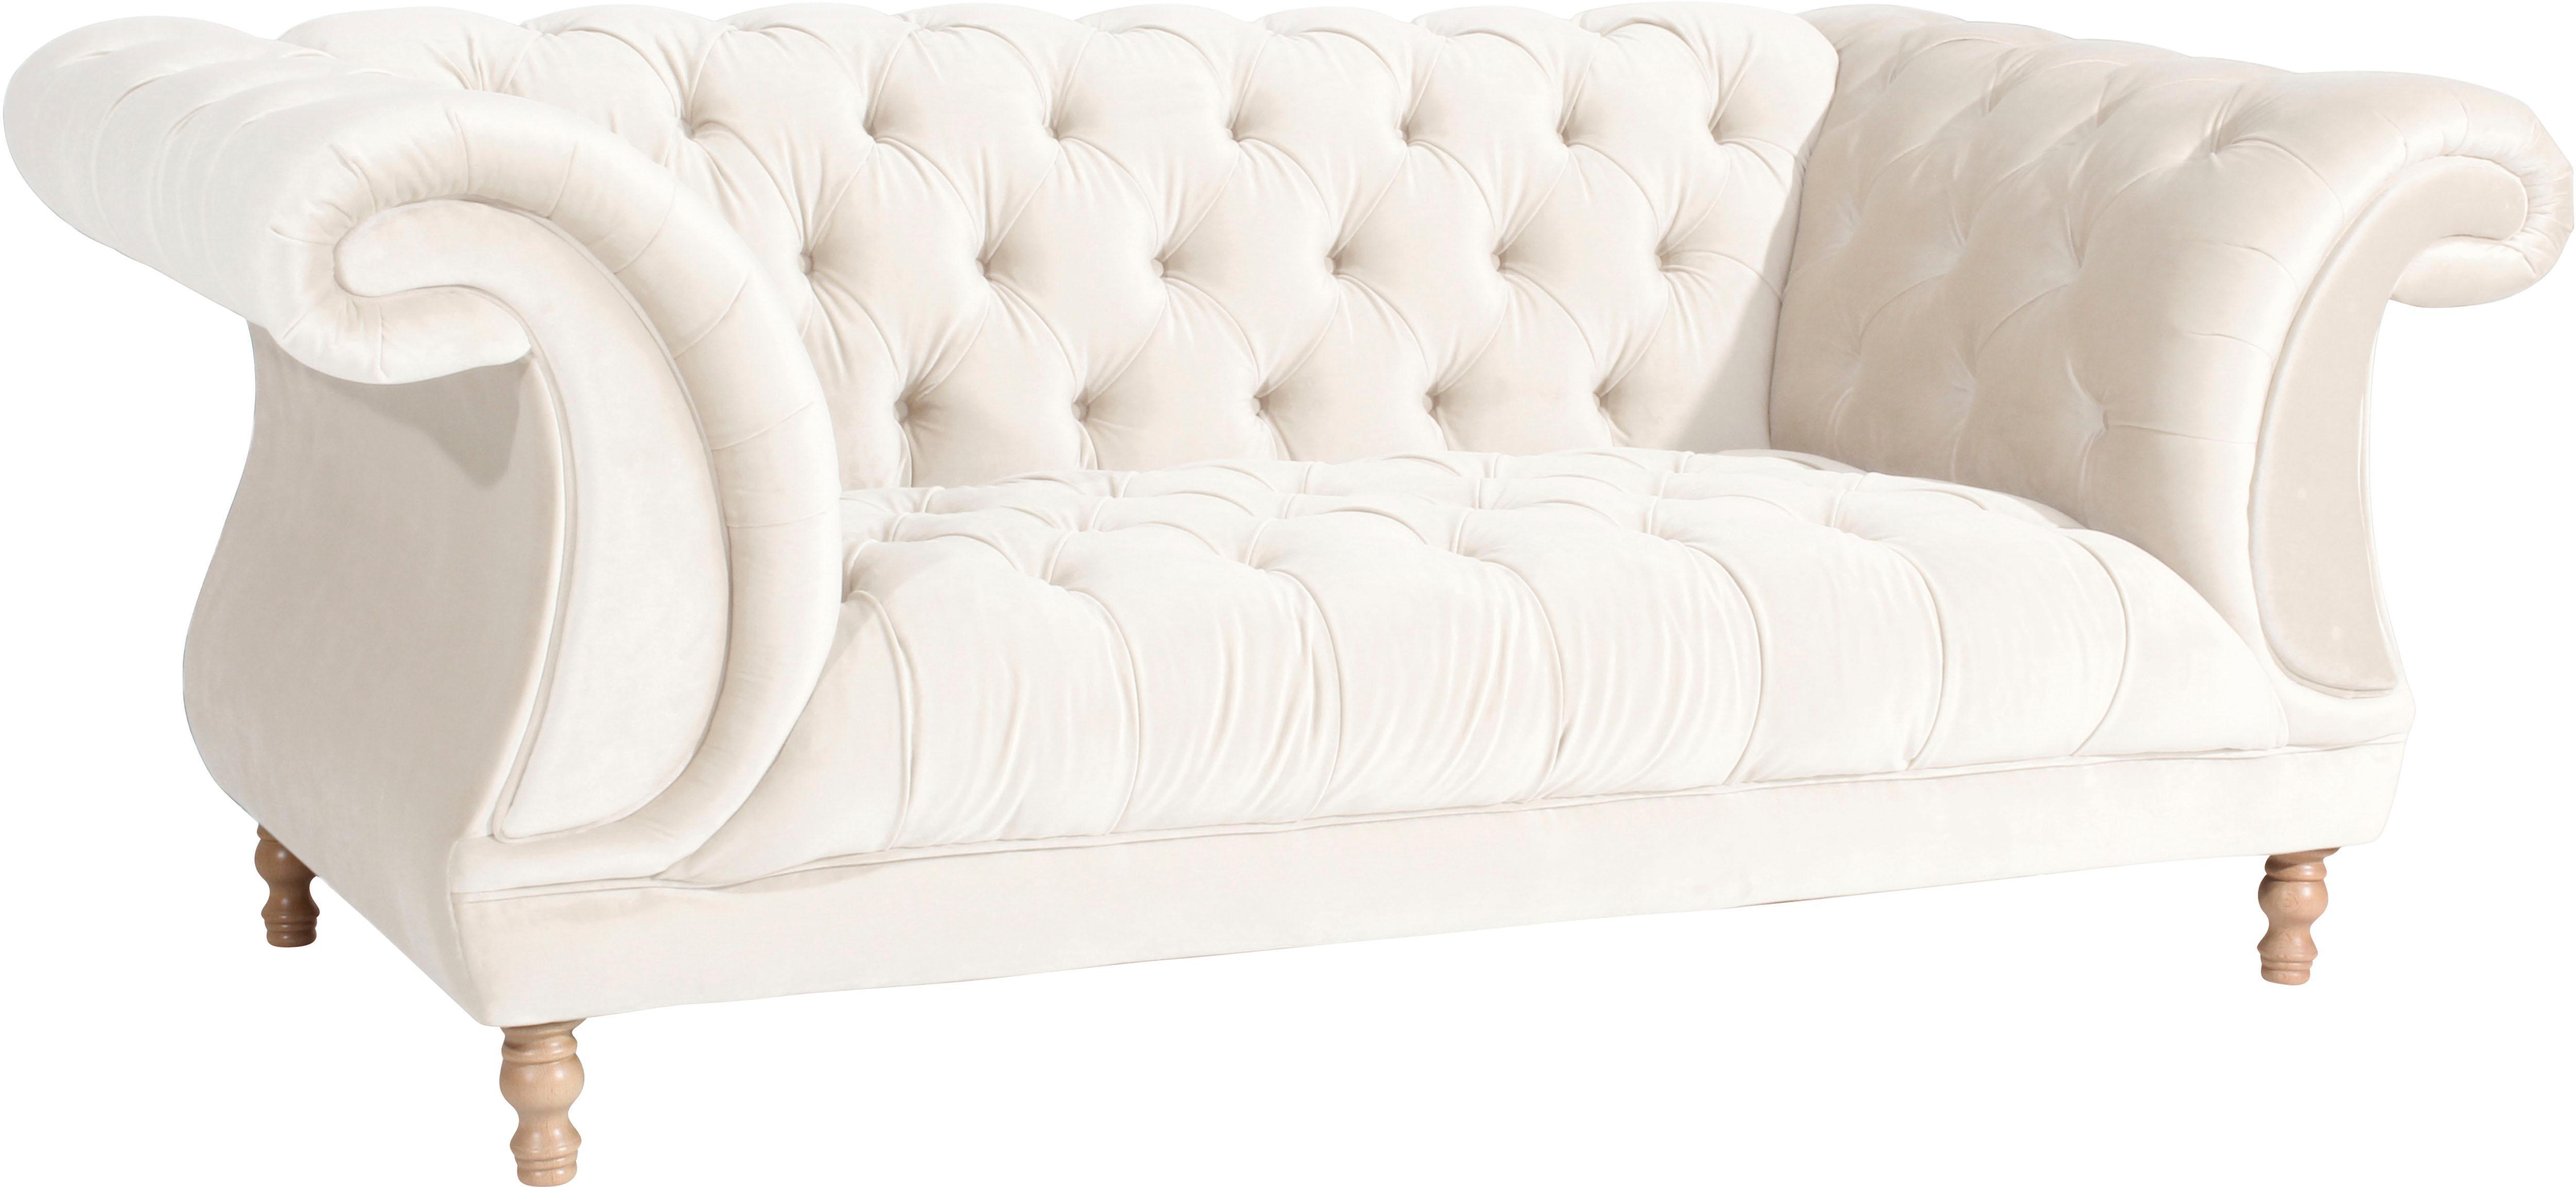 fuellung-100-polyurethane Chesterfield Sofas online kaufen | Möbel ...